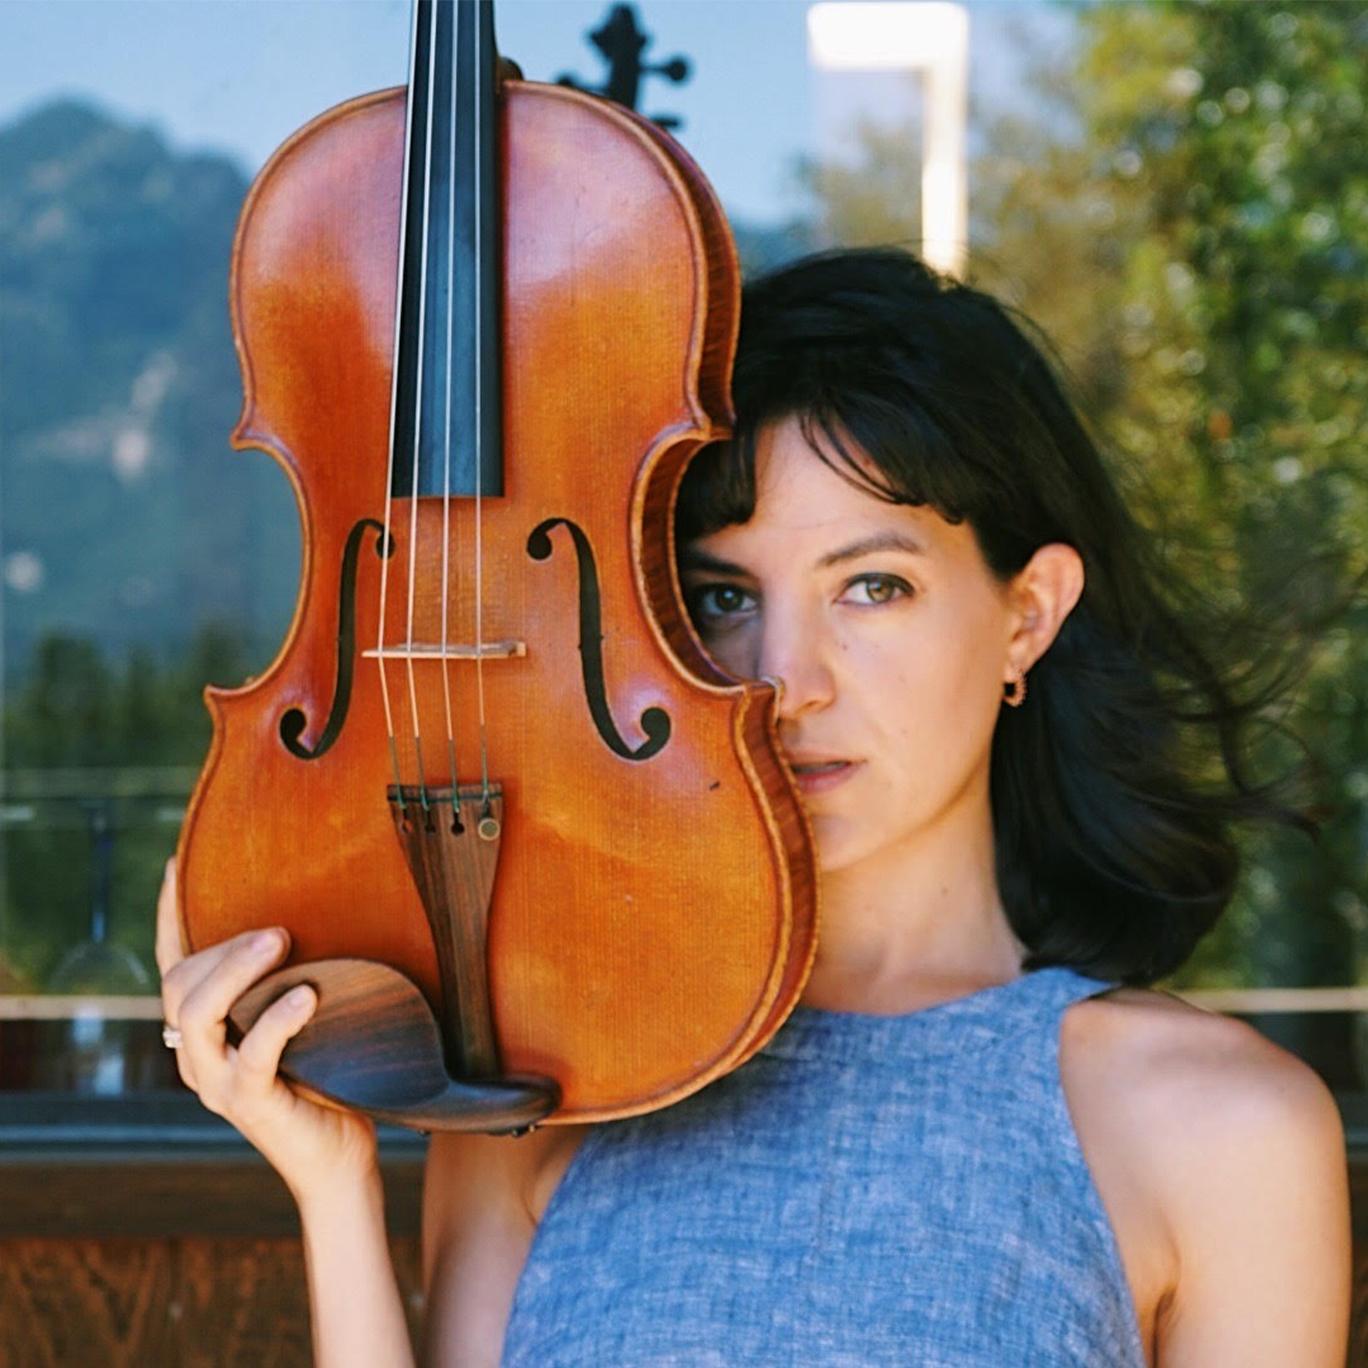 Rita Andrade (Violist of ATLYS String Quartet)